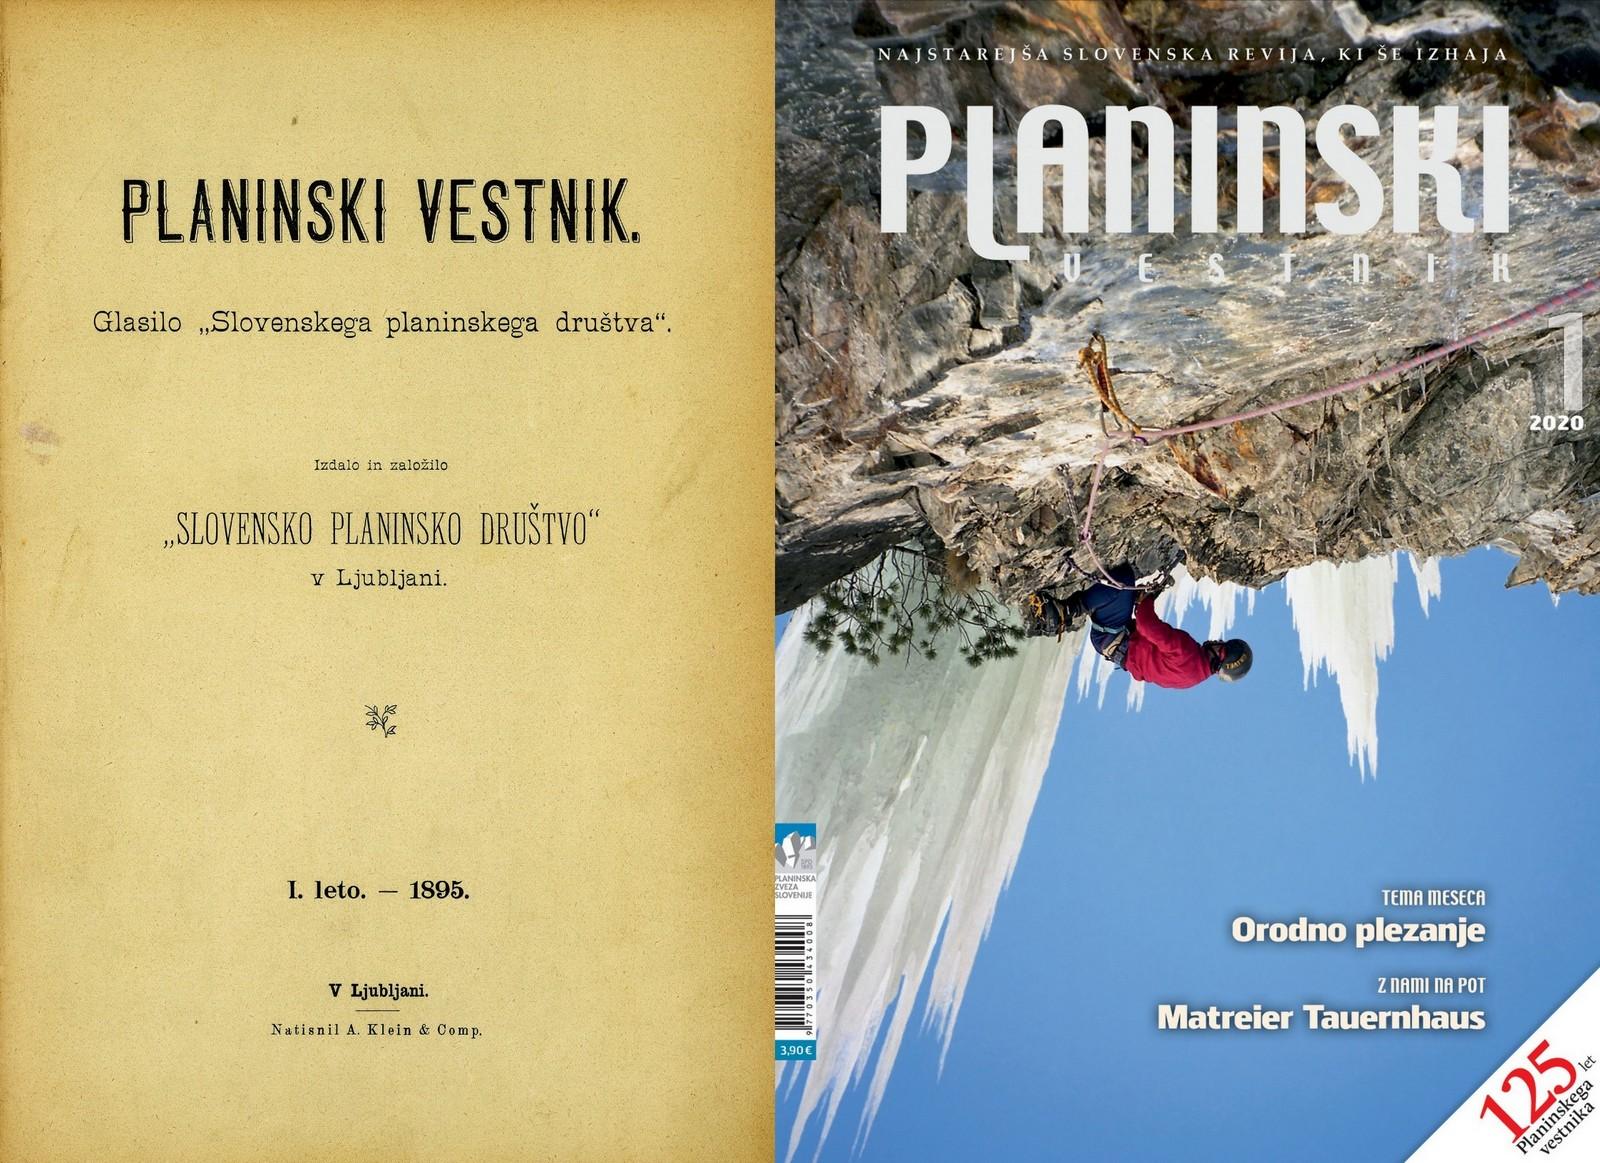 planinski_vestnik_naslovnica_1895_2020_foto_arhiv_pv